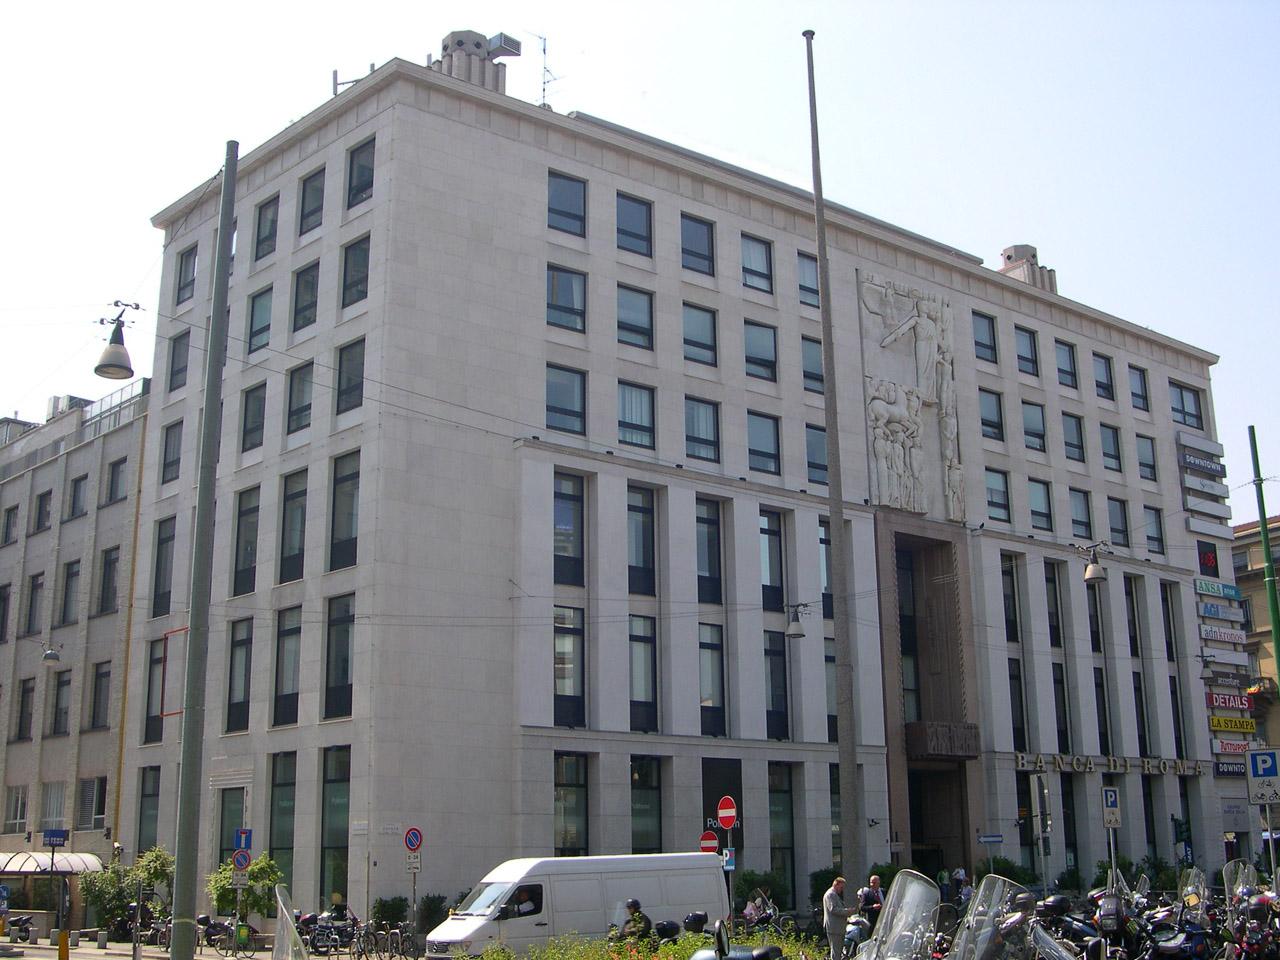 Milano - Palazzo della stampa in piazza Cavour